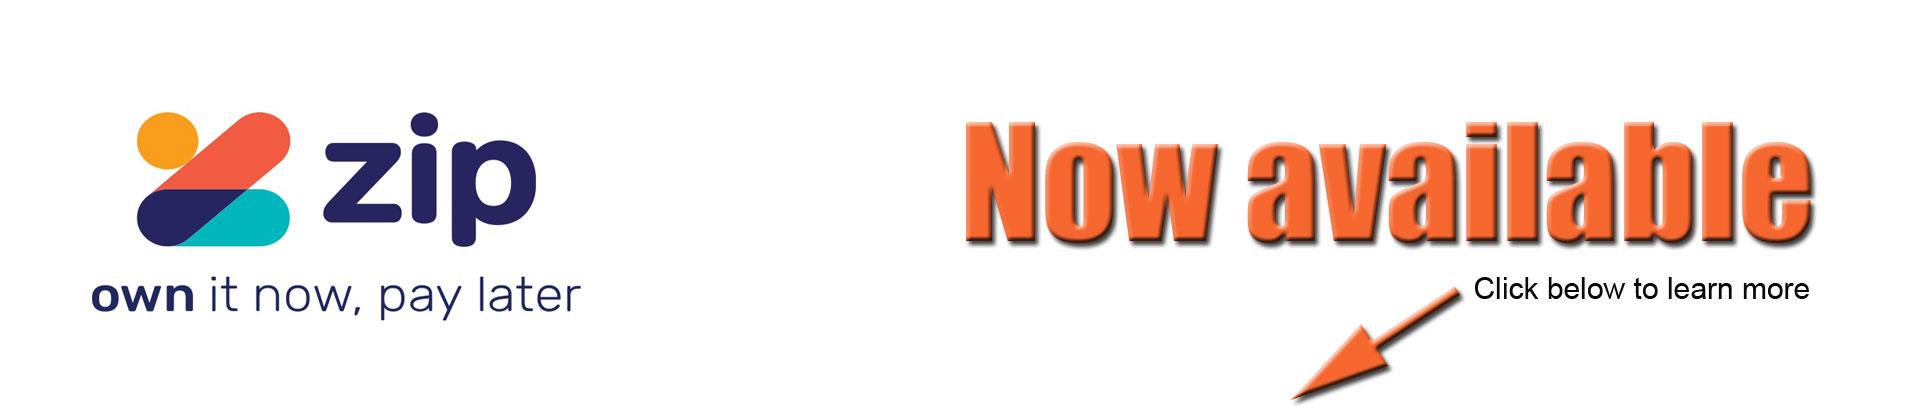 zip-banner-web.jpg